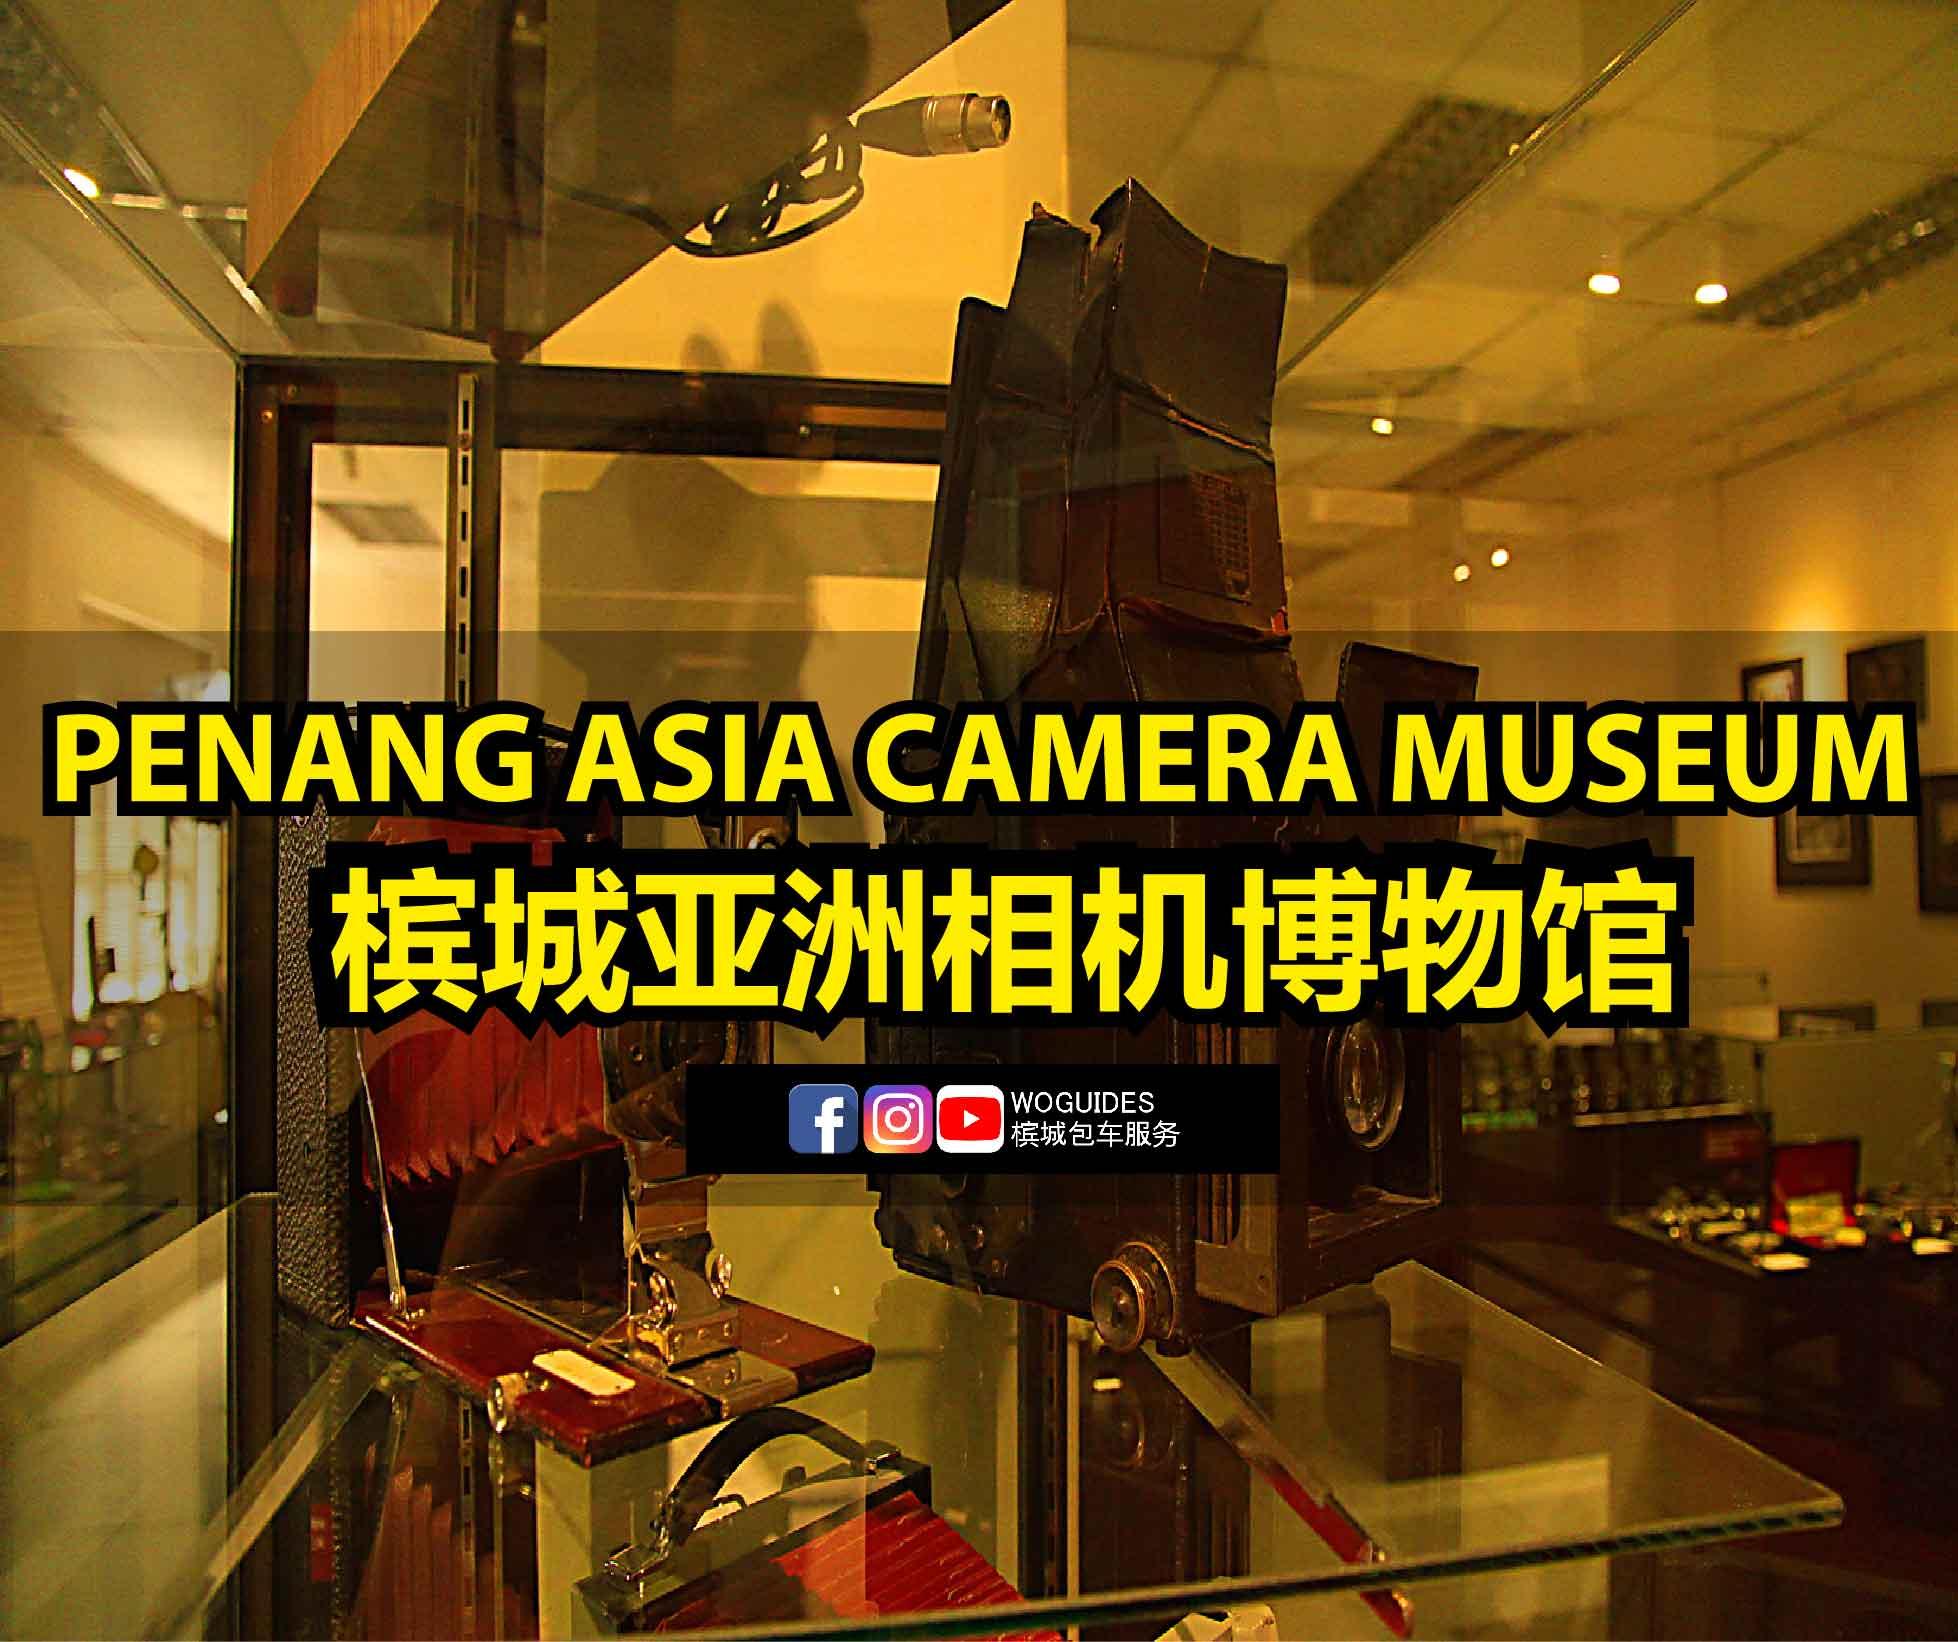 penang van rental - asia camera museum (1)